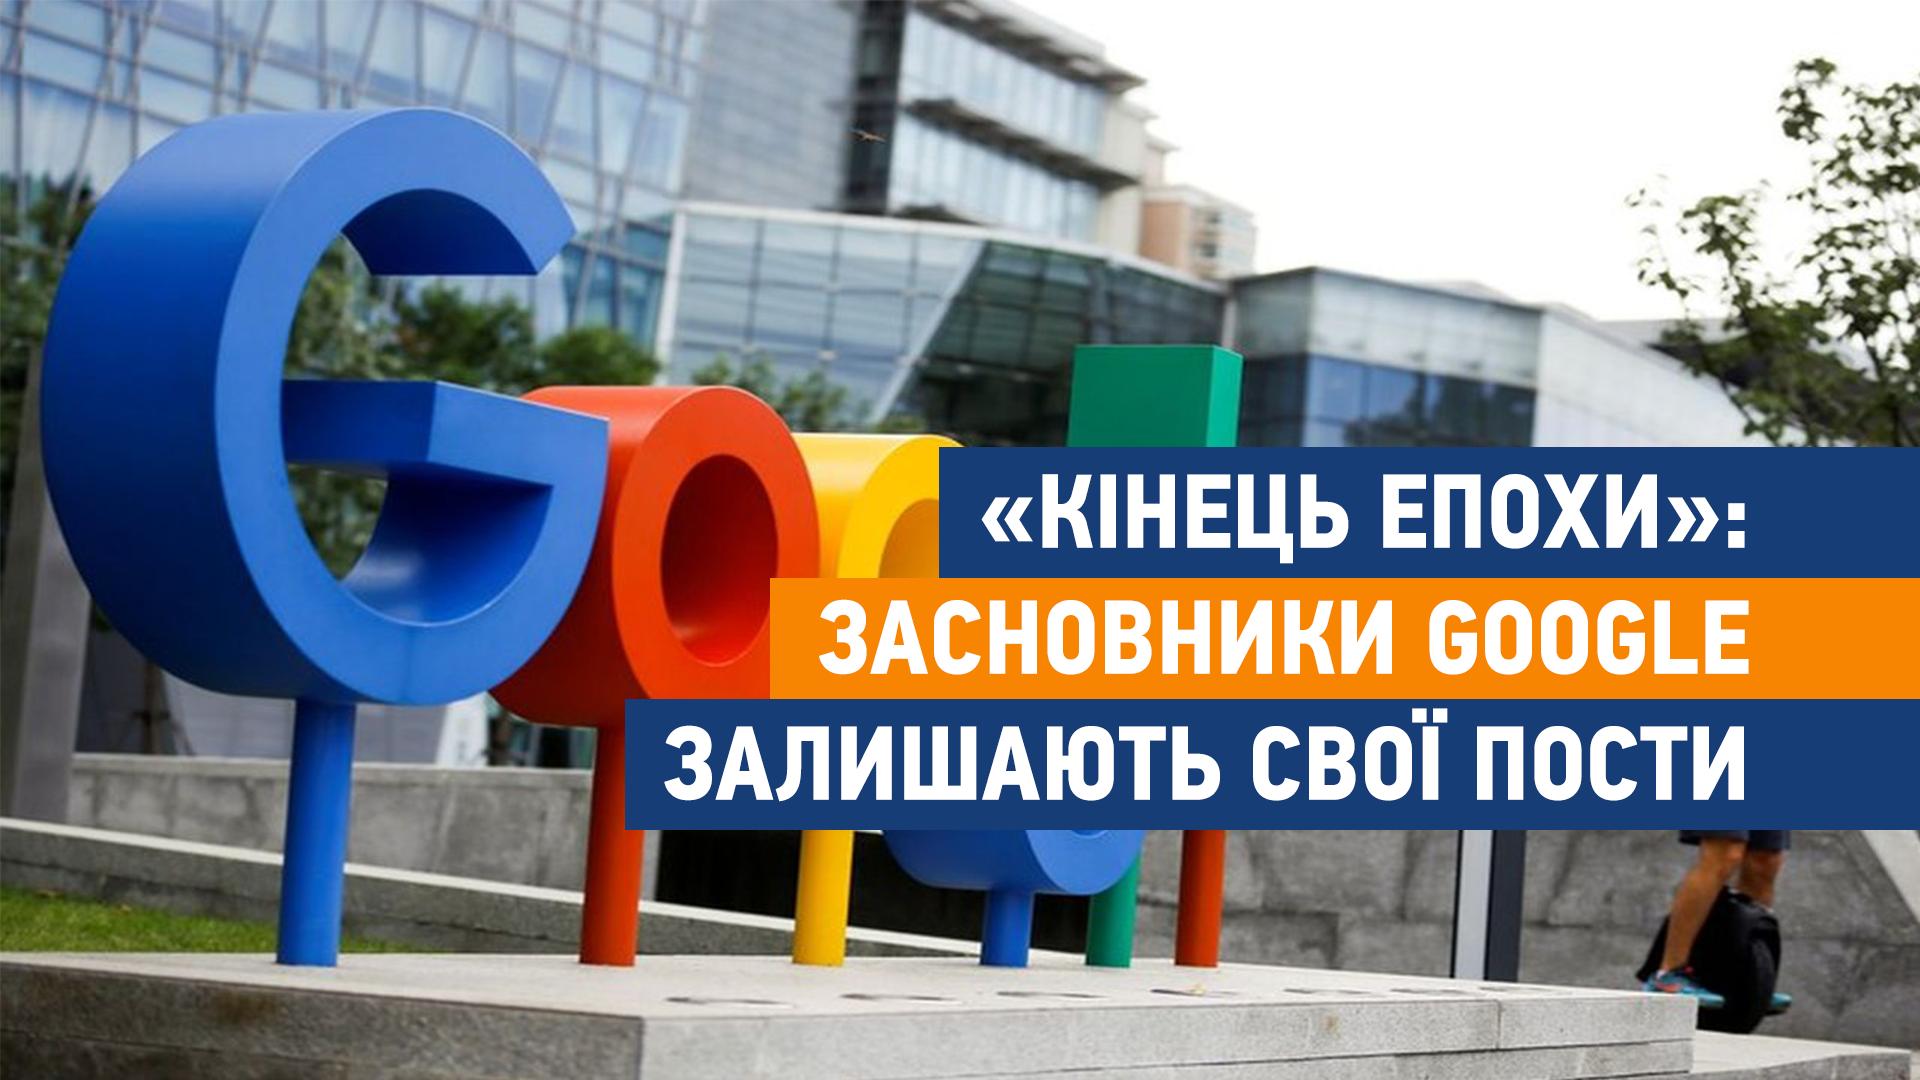 Співзасновники Google Ларрі Пейдж та Сергій Брін залишають свої пости